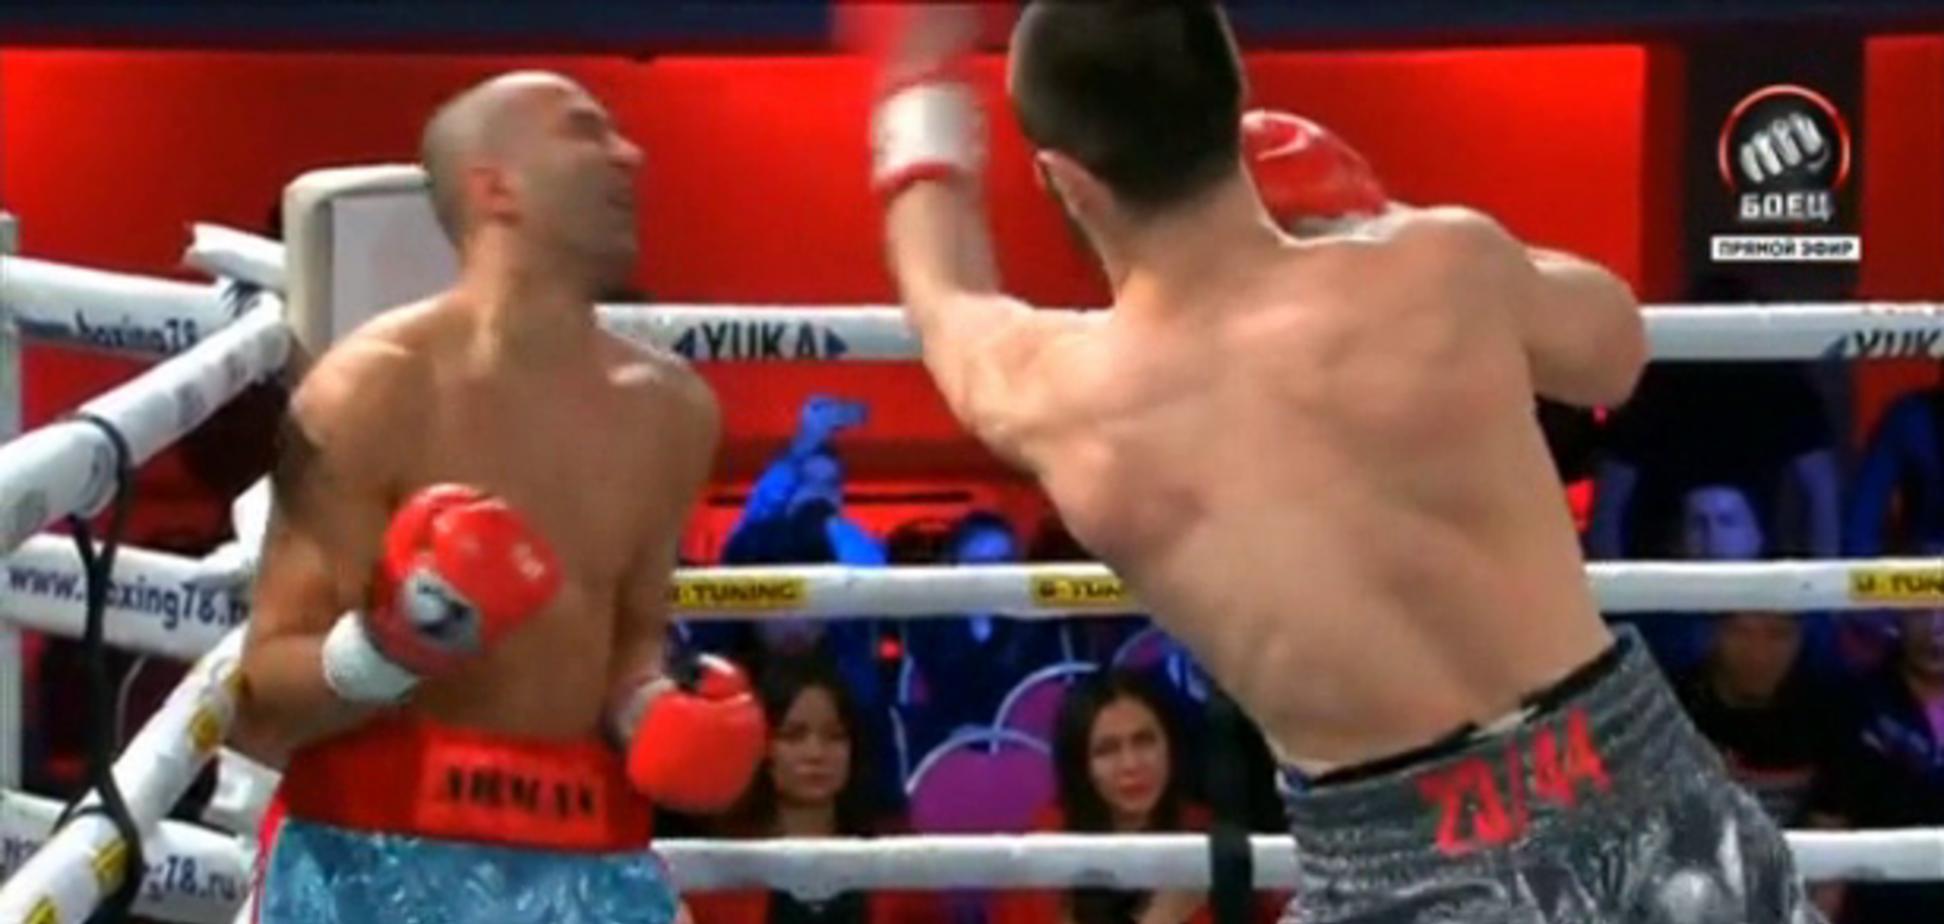 Байсангуров, який крикнув 'Слава Україні!', переміг нокаутом Торосяна